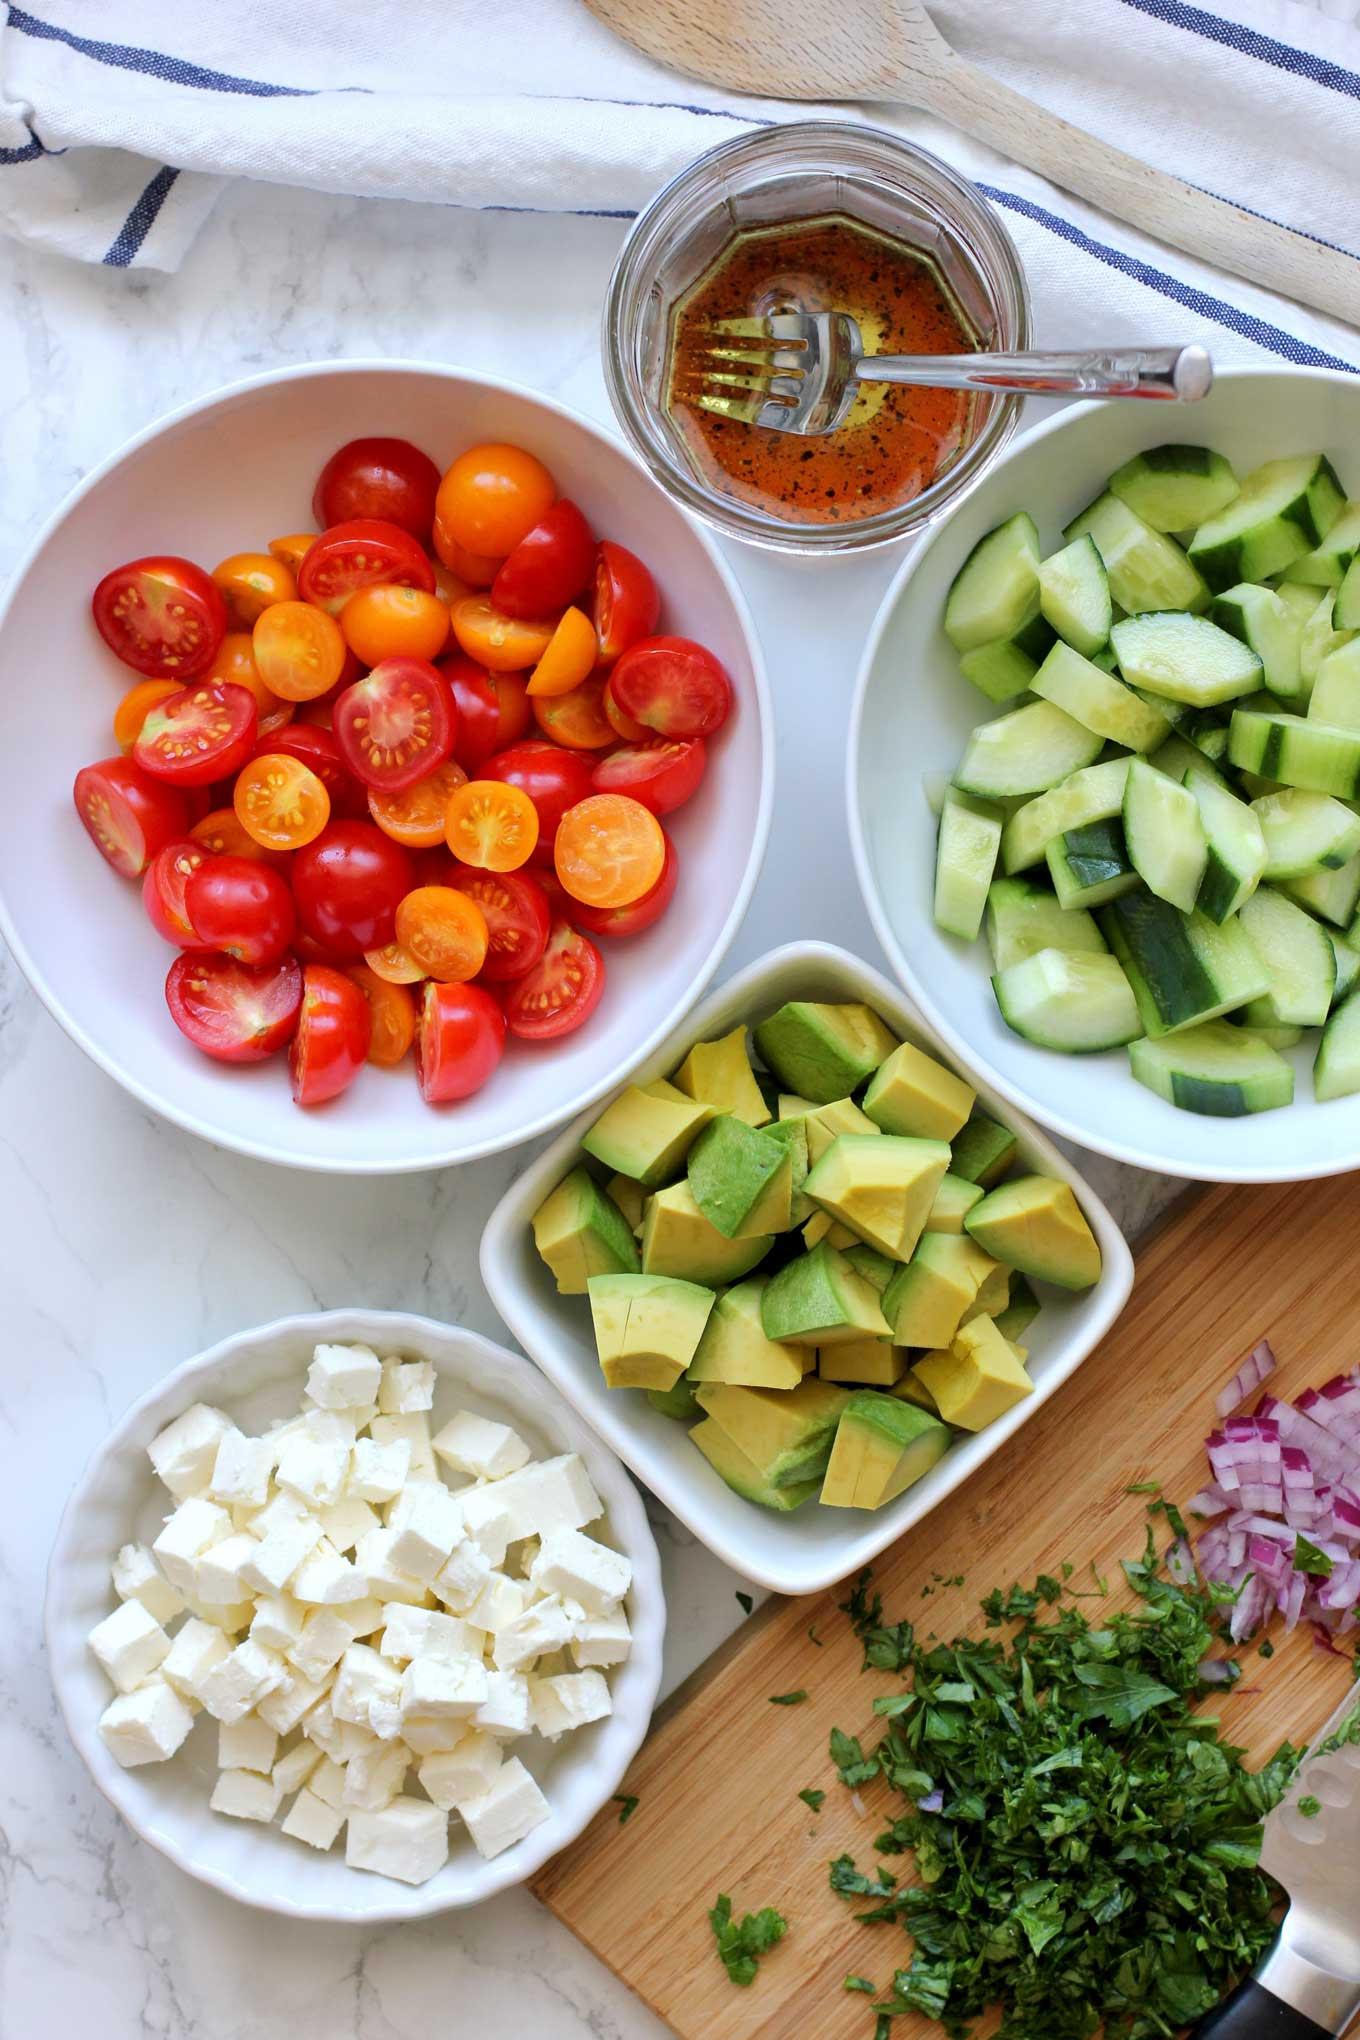 Ingrédients pour faire une salade de tomates, concombres et avocats sur un comptoir en marbre.